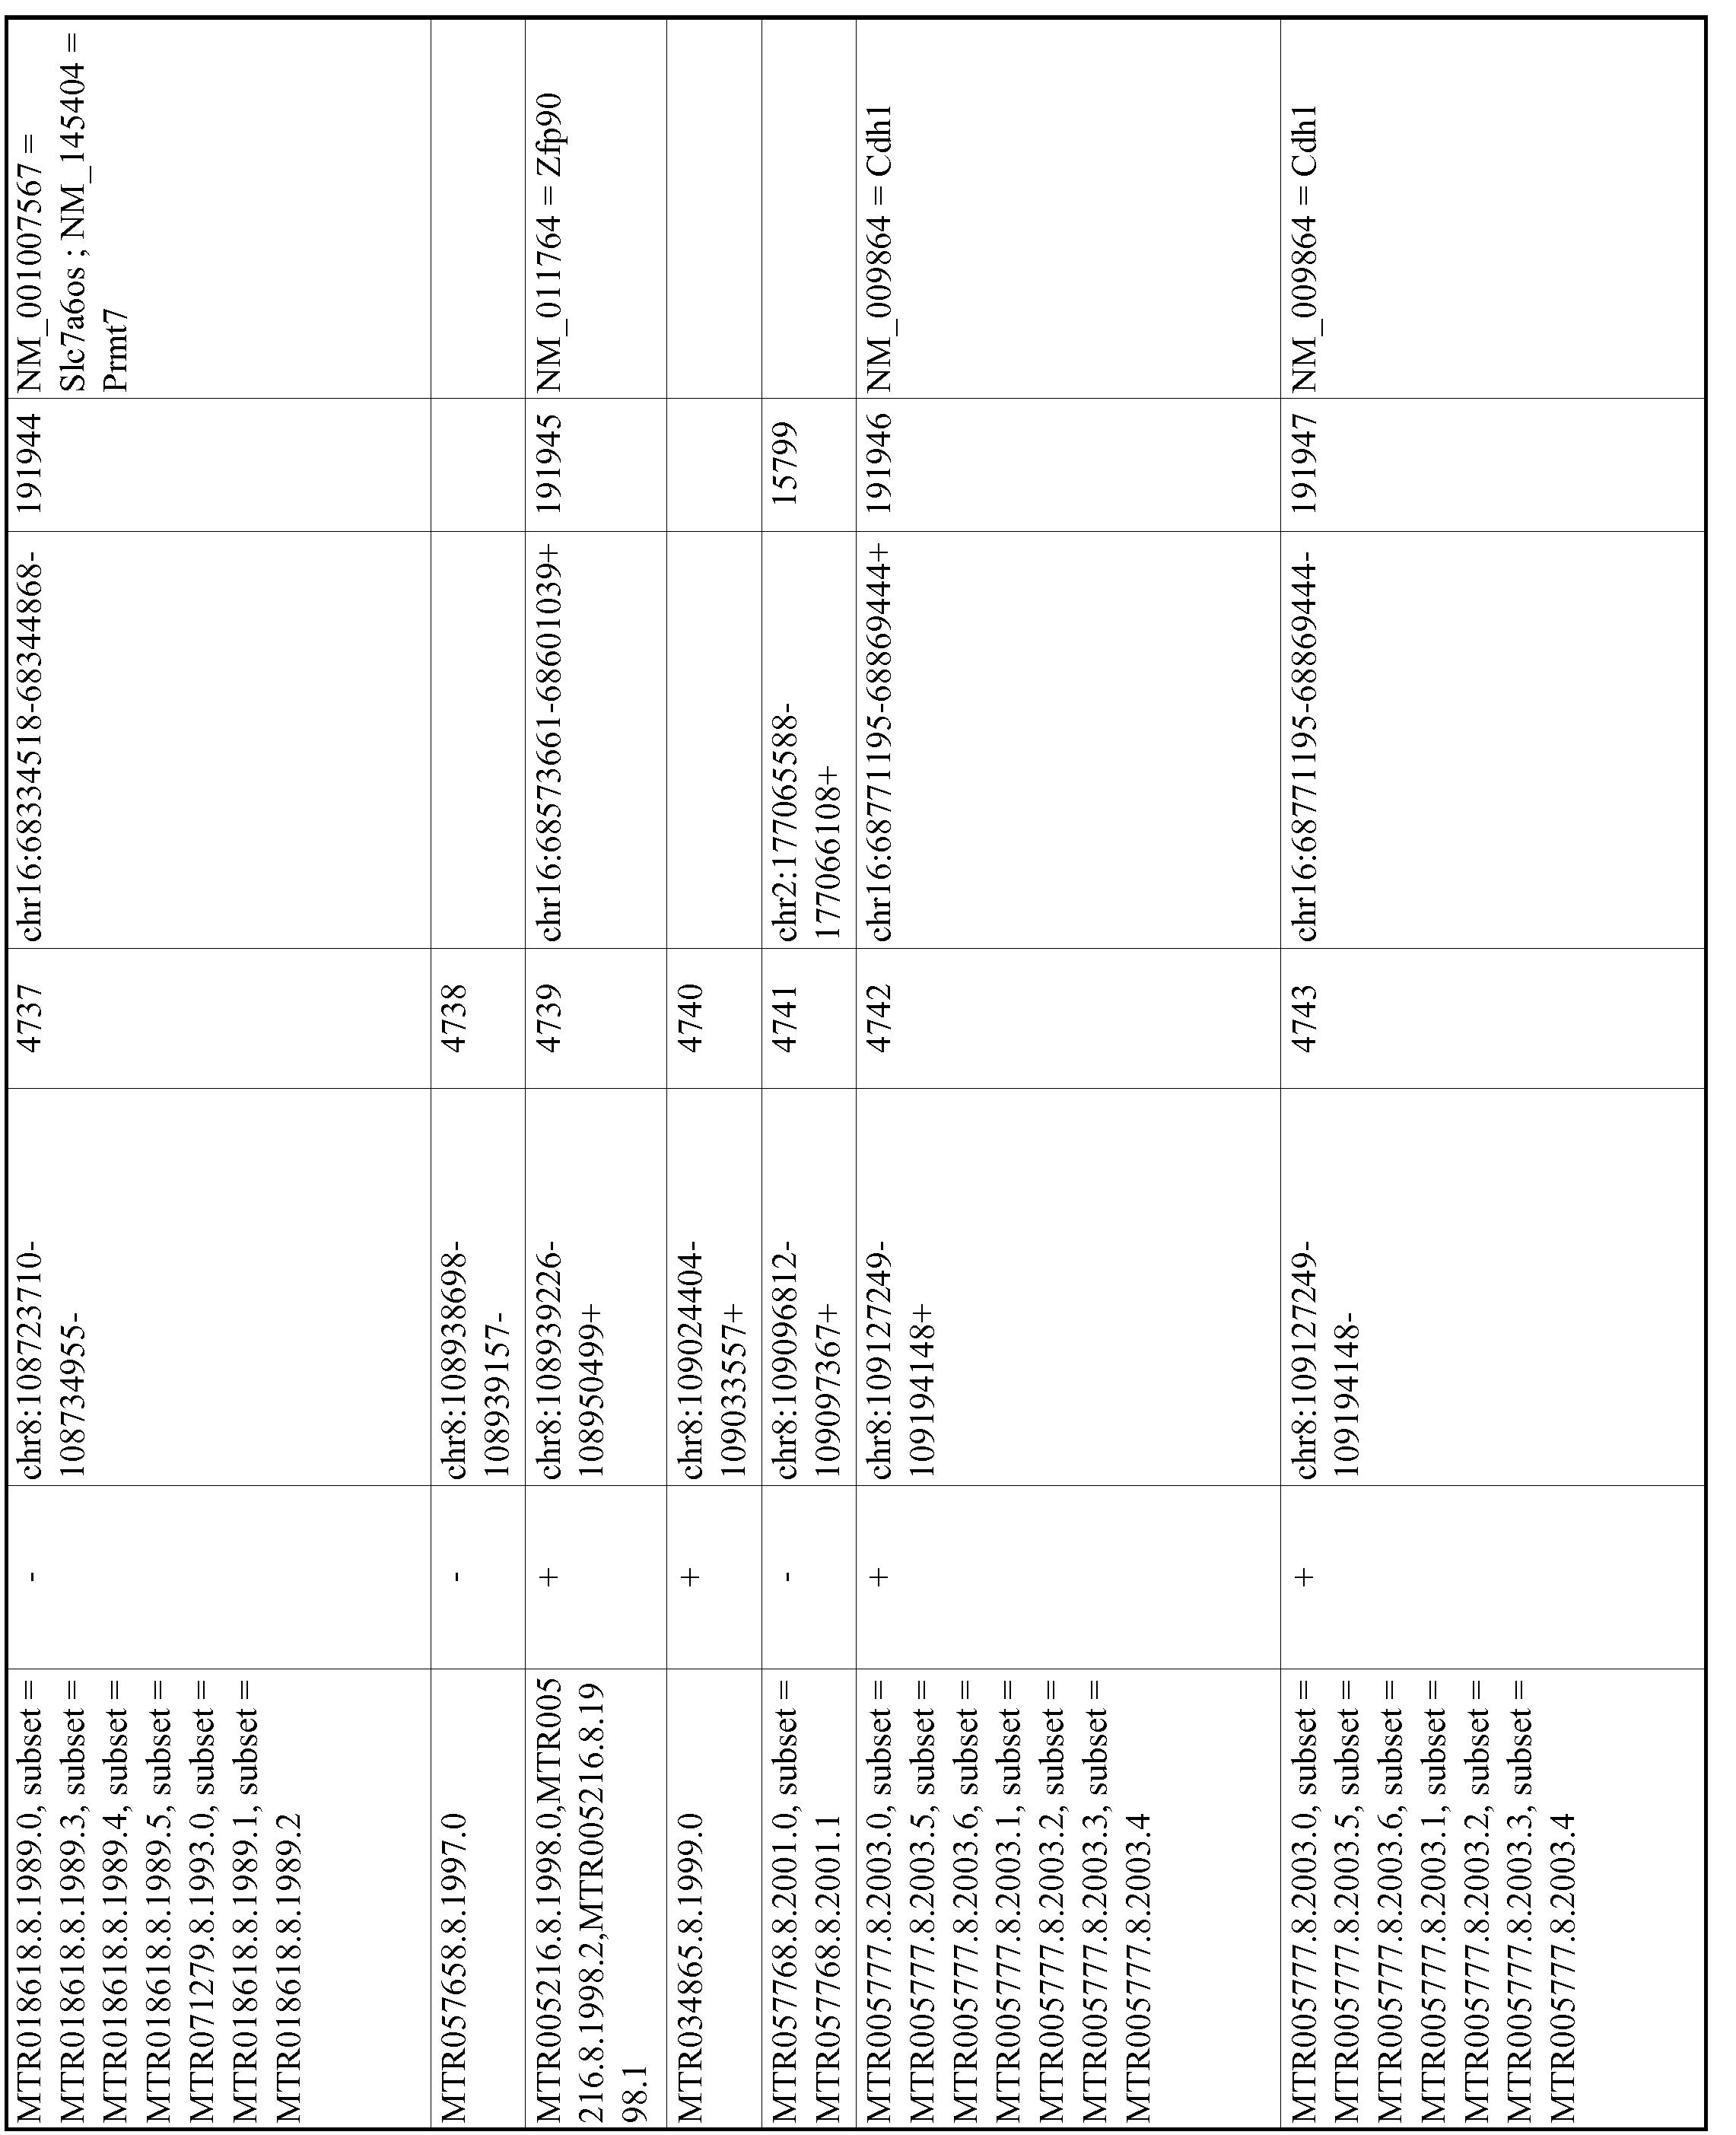 Figure imgf000878_0001